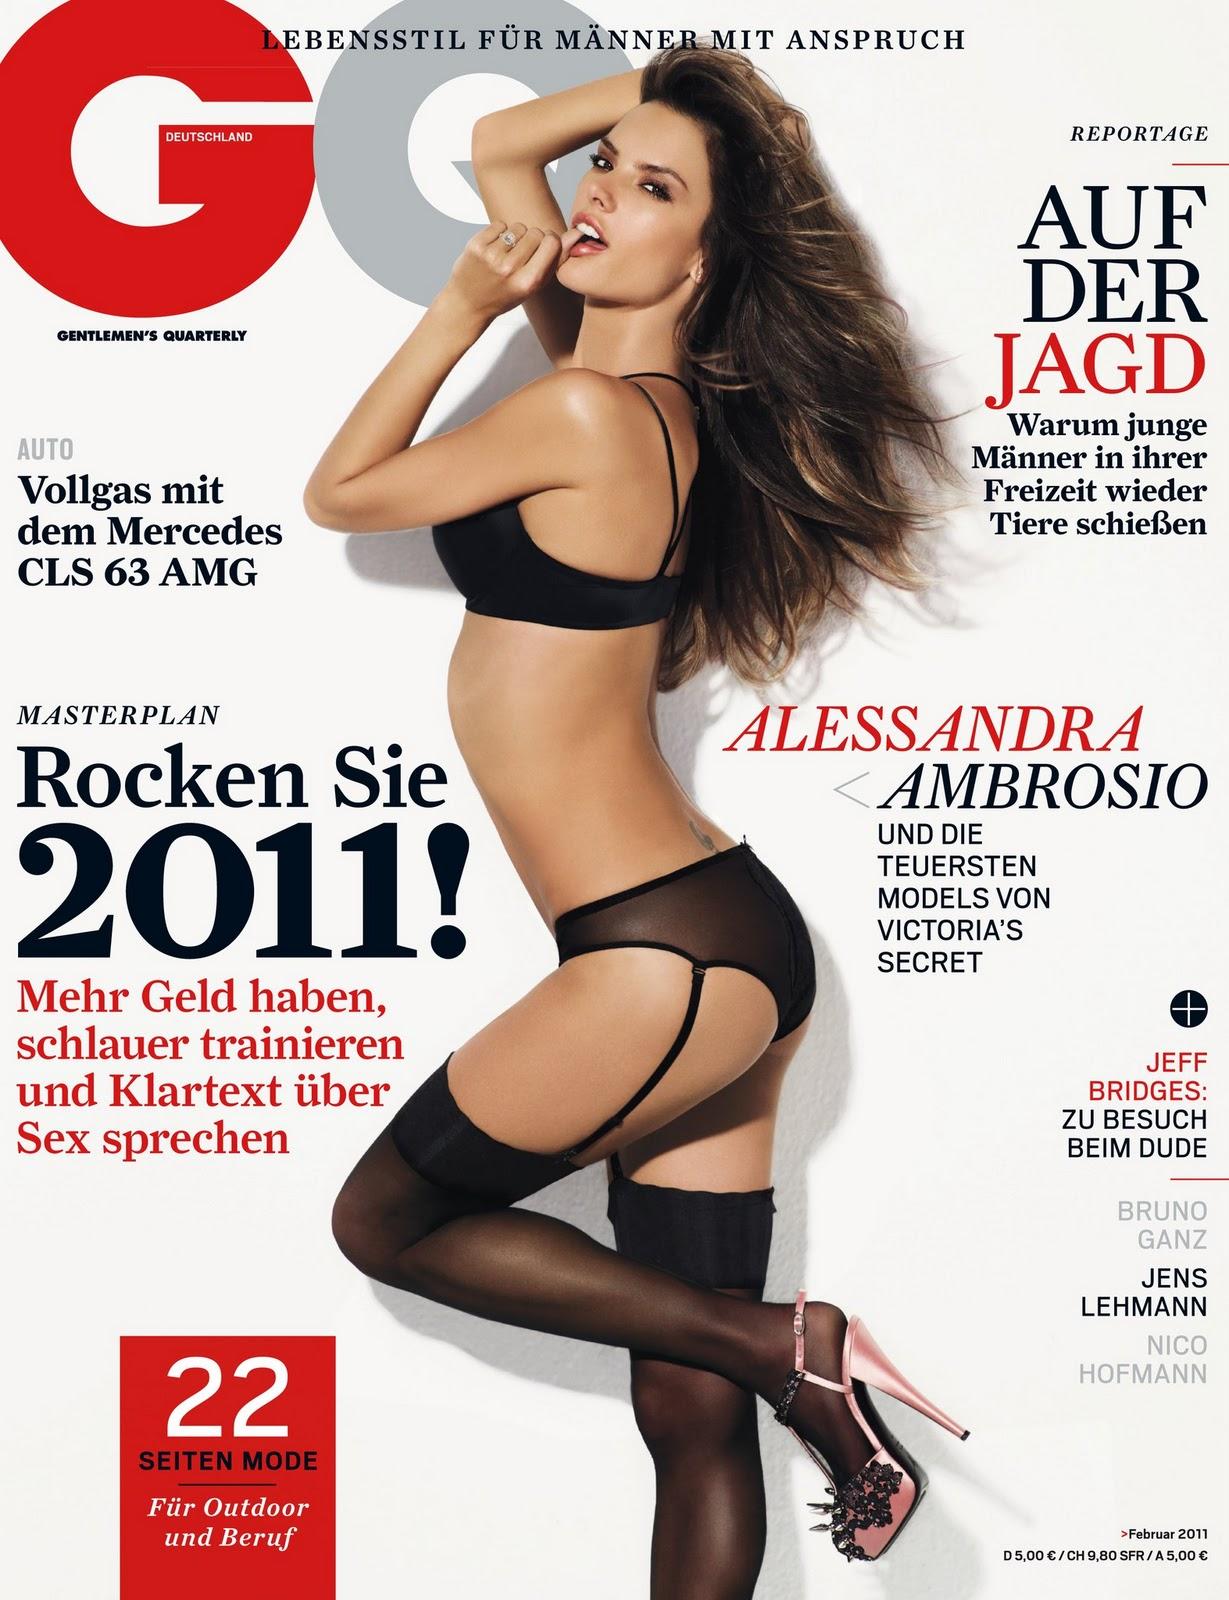 http://4.bp.blogspot.com/_kDujDzwdR0M/TTE-UvzjG5I/AAAAAAAAFGA/KZA9hHovw5E/s1600/Alessandra+Ambrosio+%2528GQ+Germany+Feb+2011%2529+HQ+%25286%2529.jpg